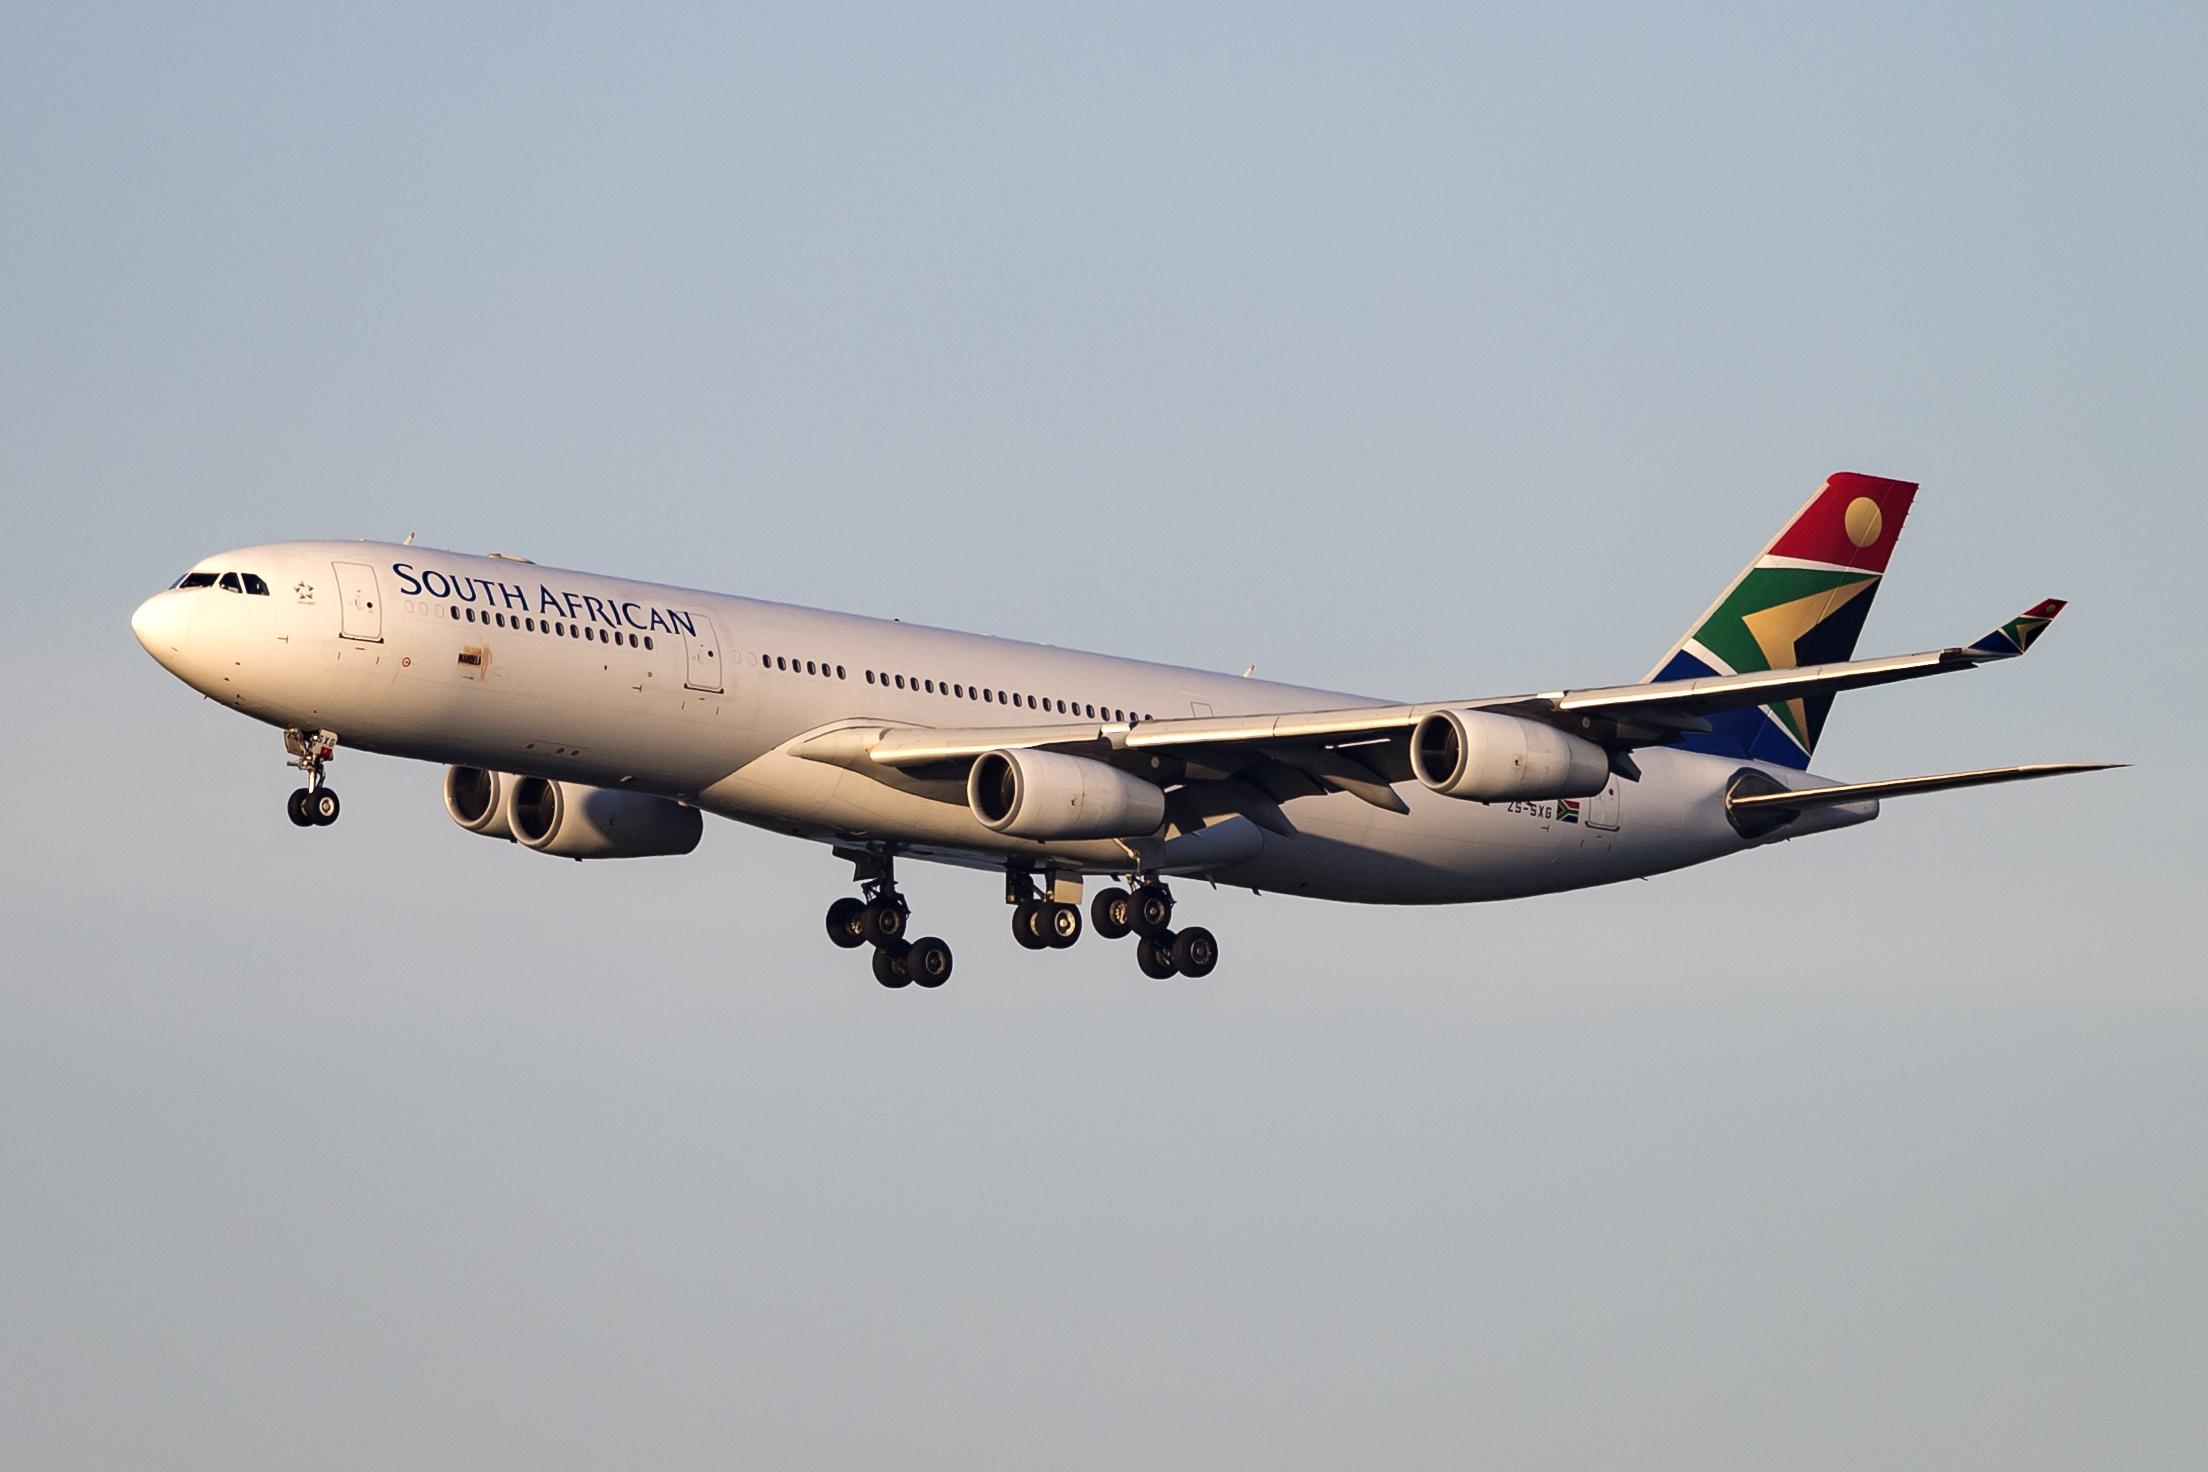 En Airbus A340-300 fra South African Airways. Foto: © Thorbjørn Brunander Sund, Danish Aviation Photo